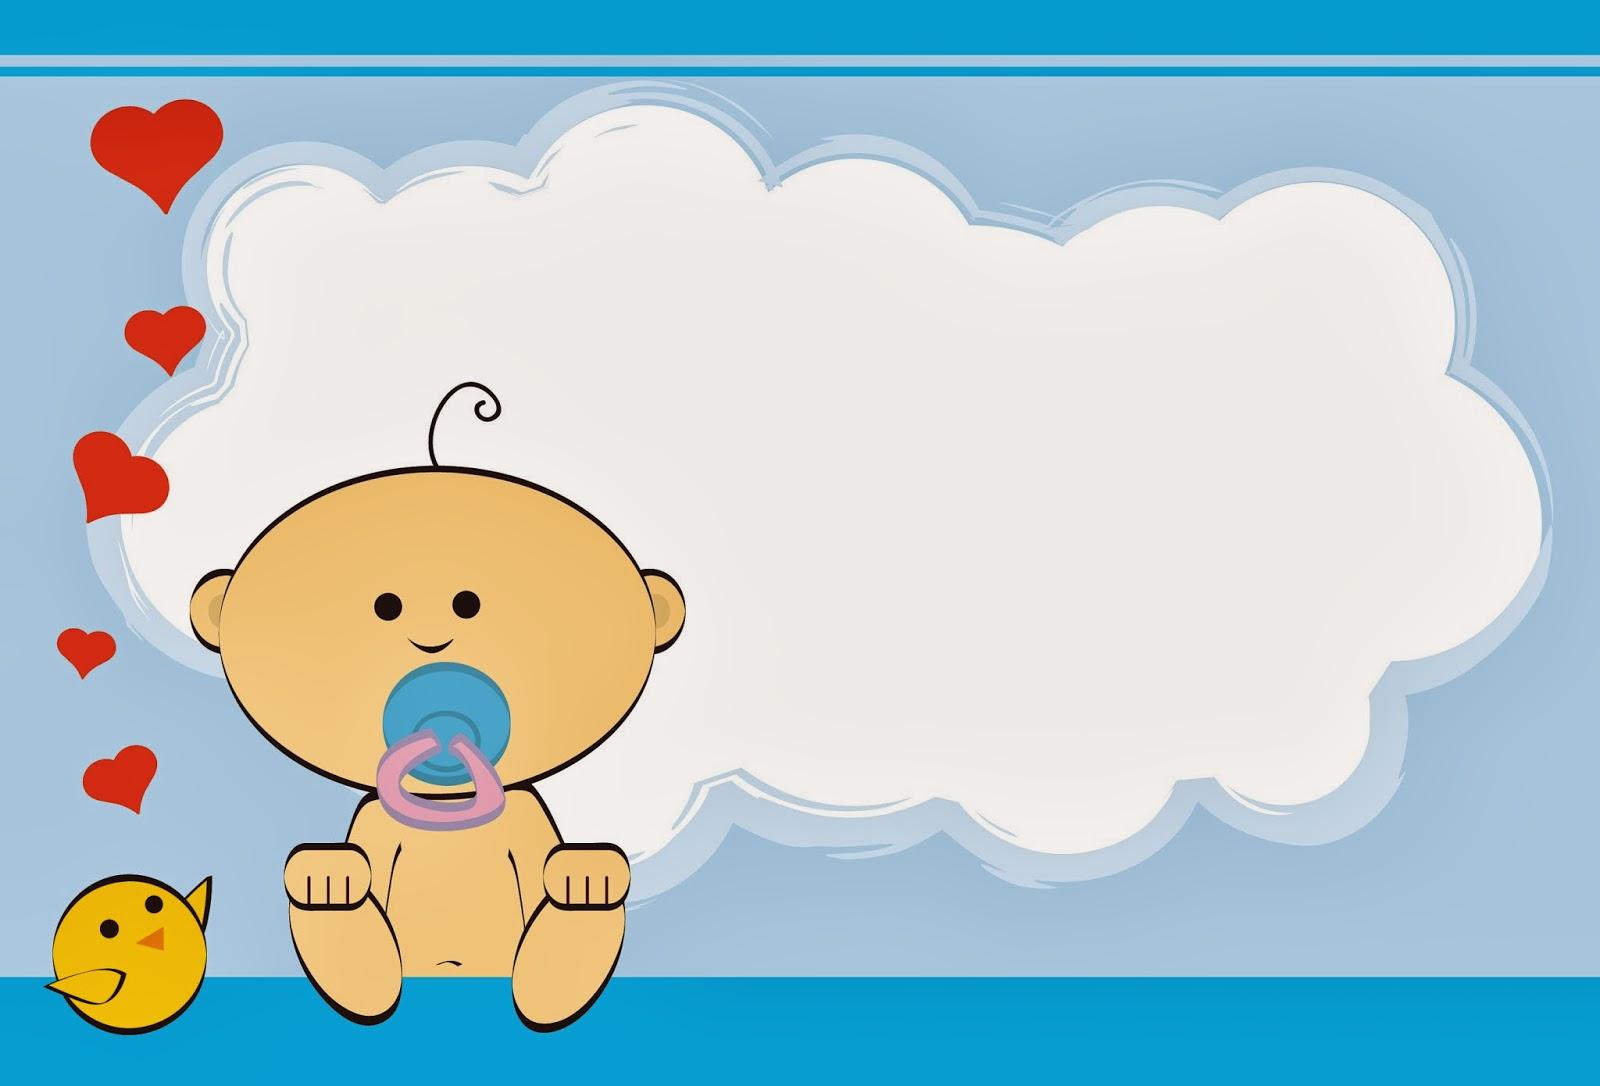 Dibujos de beb s ni os tiernos imagui - Dibujos infantiles de bebes ...